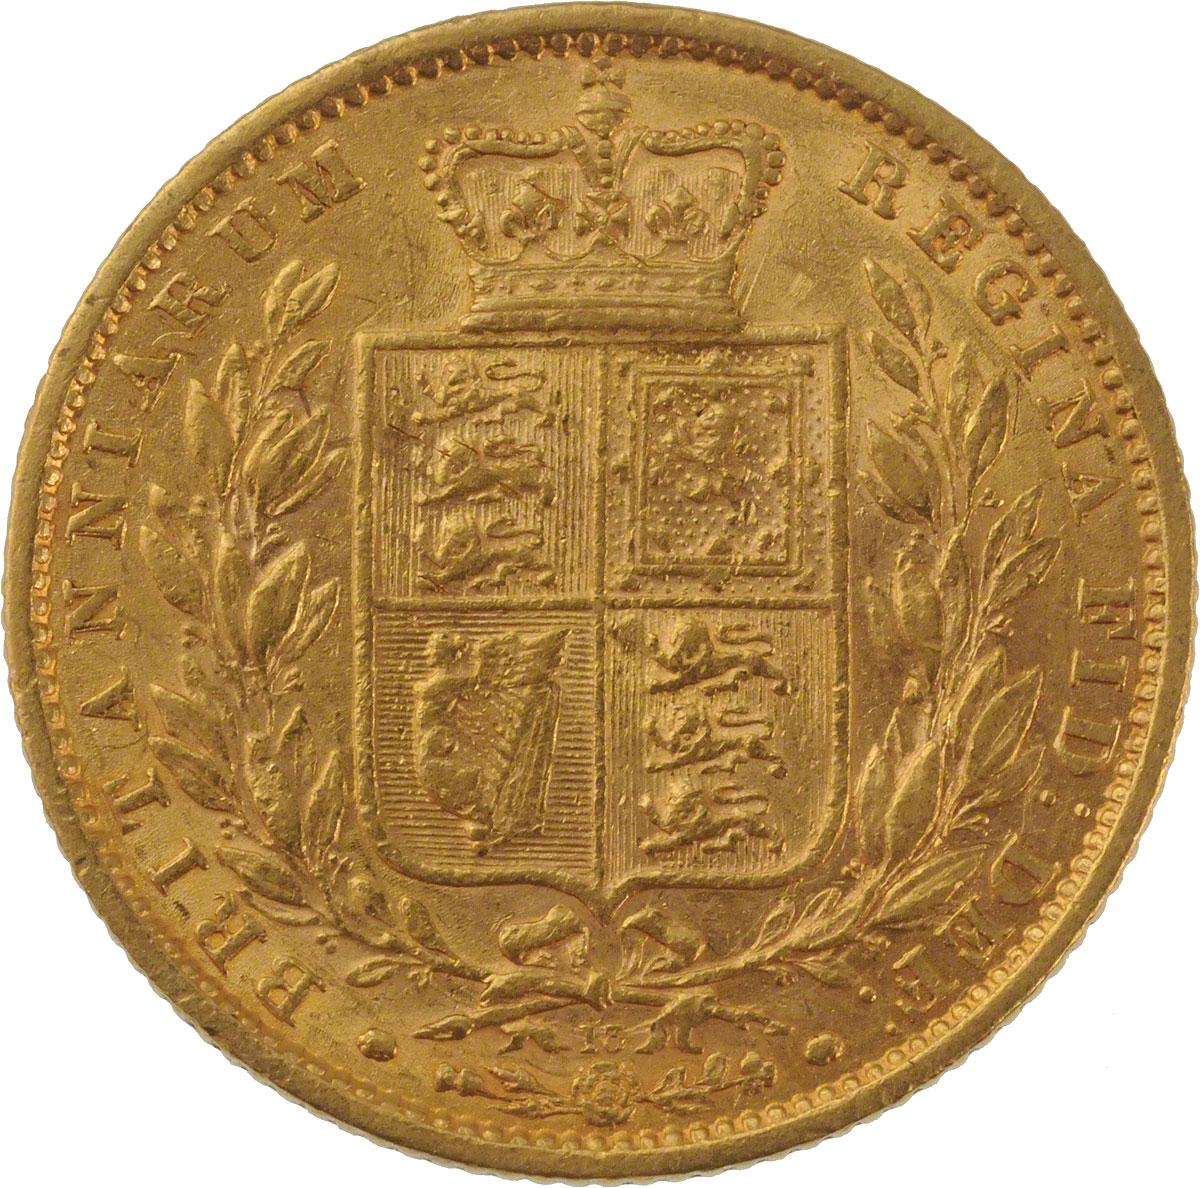 1863 Βικτώρια (Νομισματοκοπείο Λονδίνου)